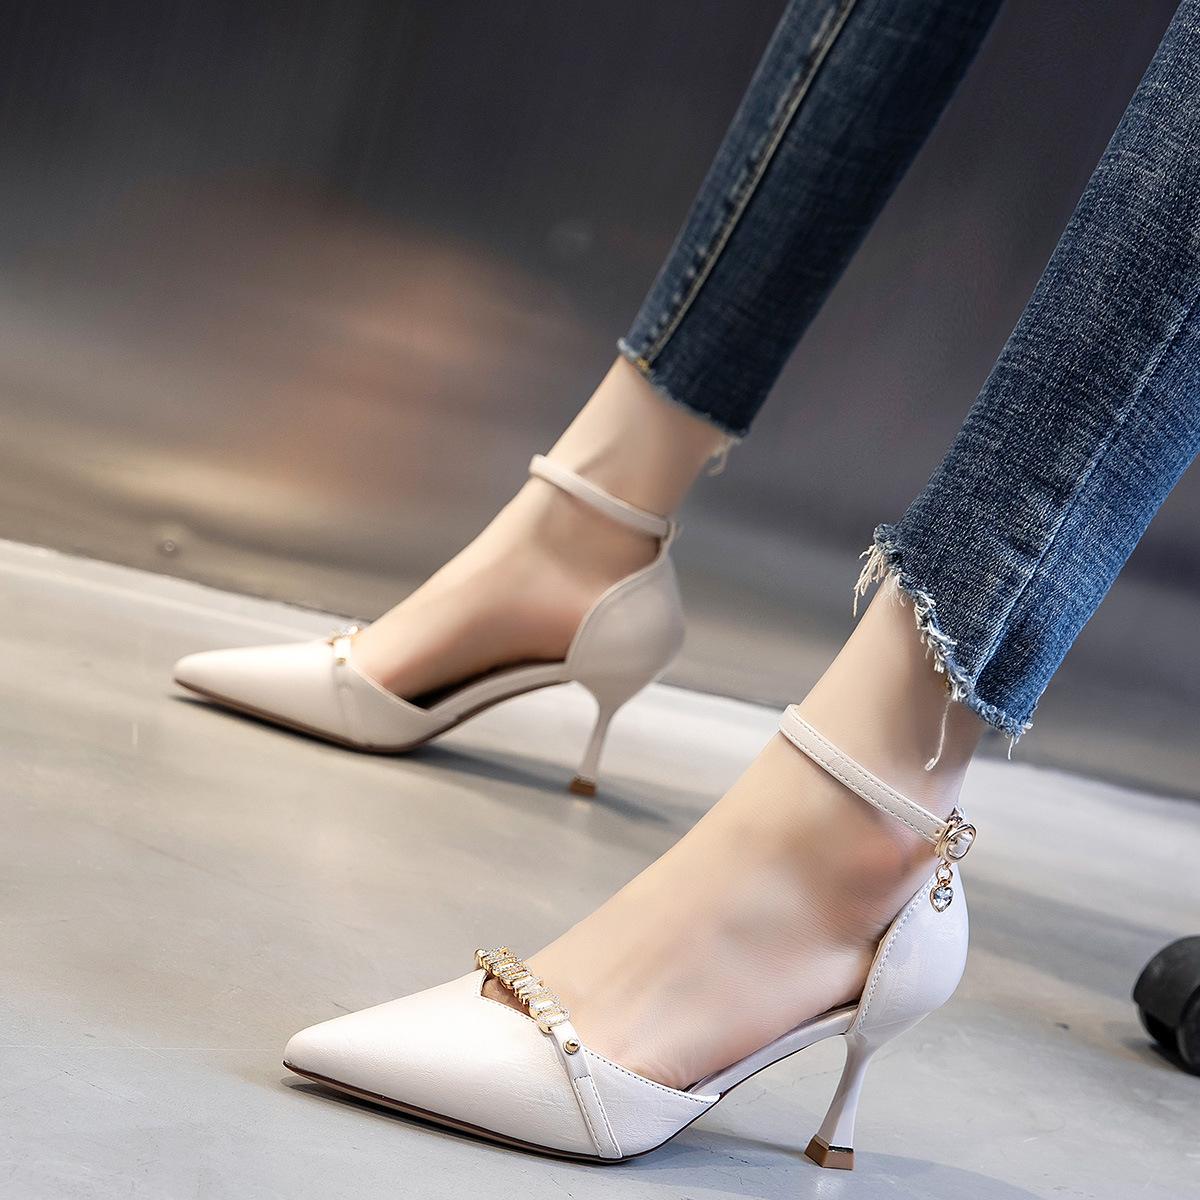 7cm高跟凉鞋女2021新款夏季休闲时装时尚仙女风搭扣尖头细跟女鞋